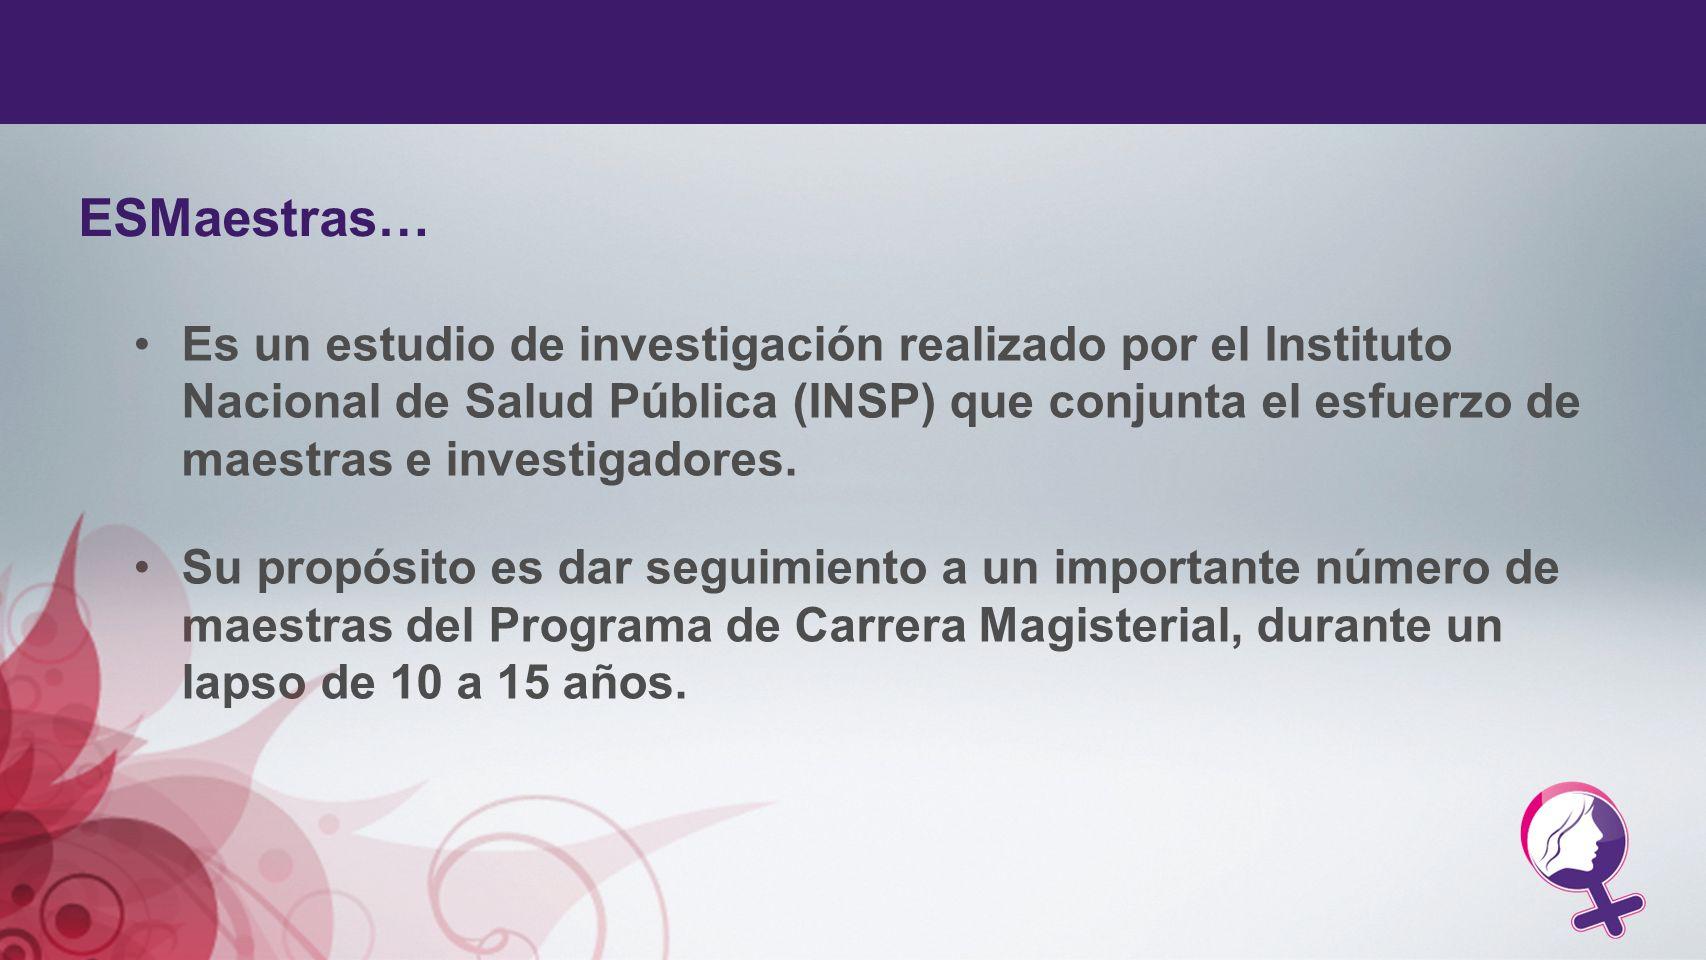 Es un estudio de investigación realizado por el Instituto Nacional de Salud Pública (INSP) que conjunta el esfuerzo de maestras e investigadores. Su p